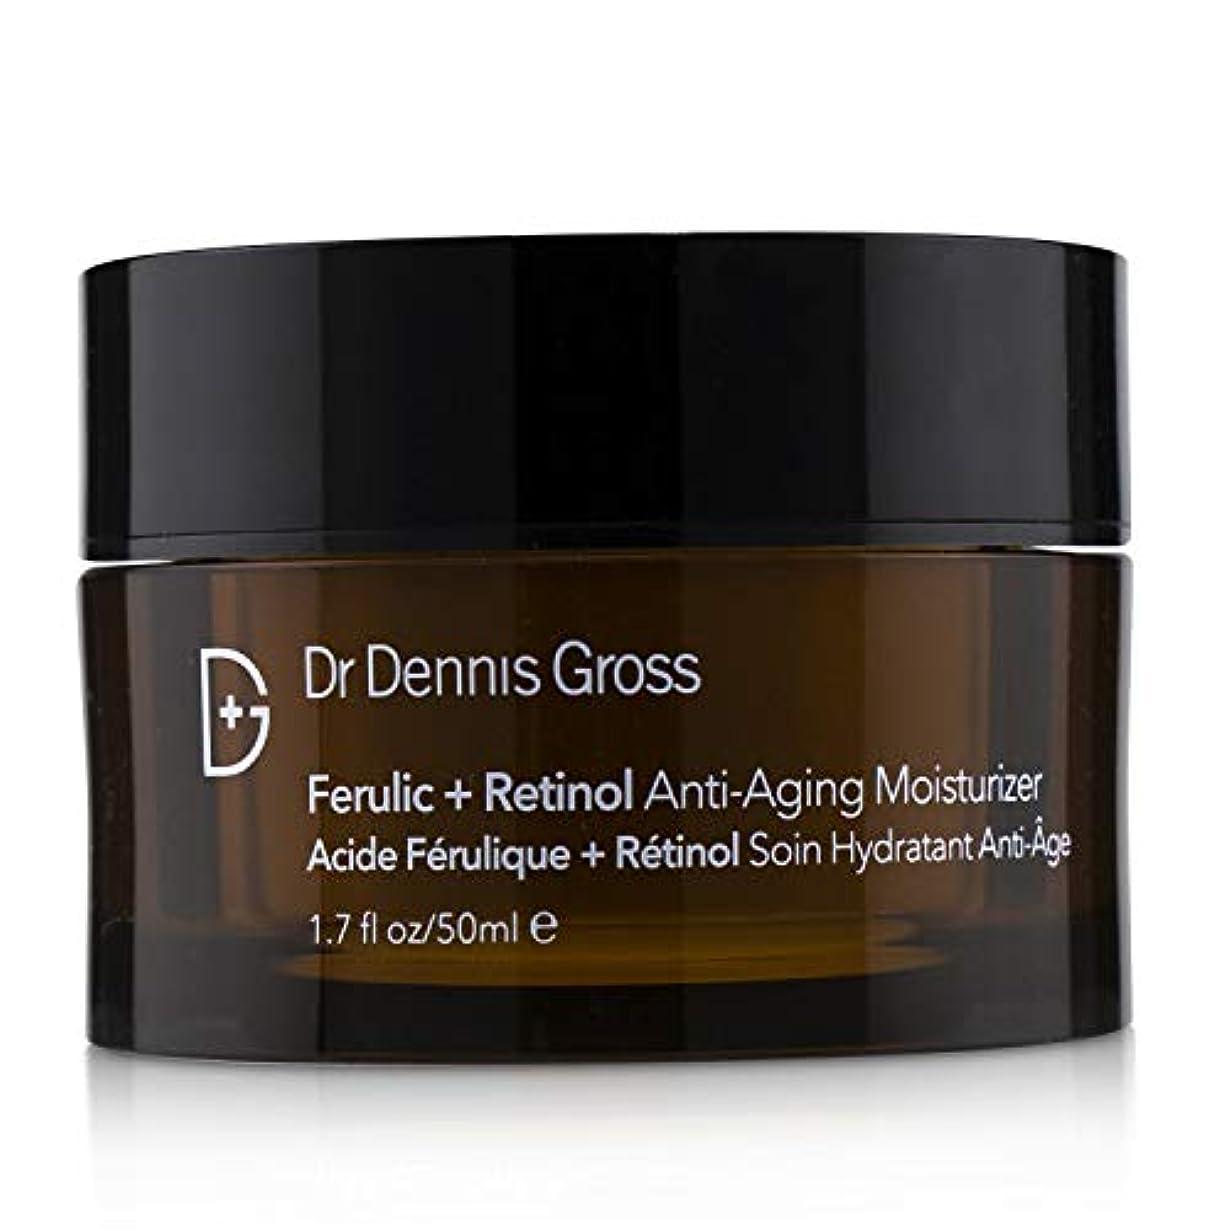 健康的案件ウガンダドクターデニスグロス Ferulic + Retinol Anti-Aging Moisturizer - Salon Product 50ml/1.7oz並行輸入品